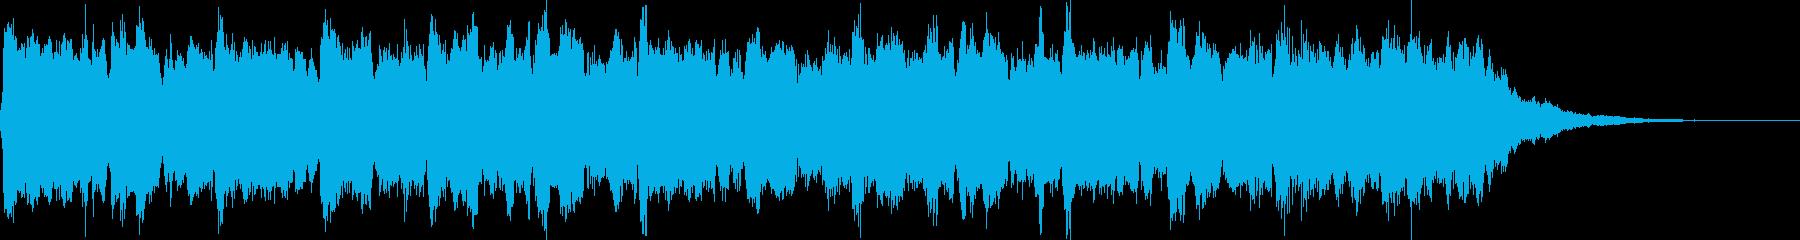 【遥かな旅】ショートヴァージョンの再生済みの波形